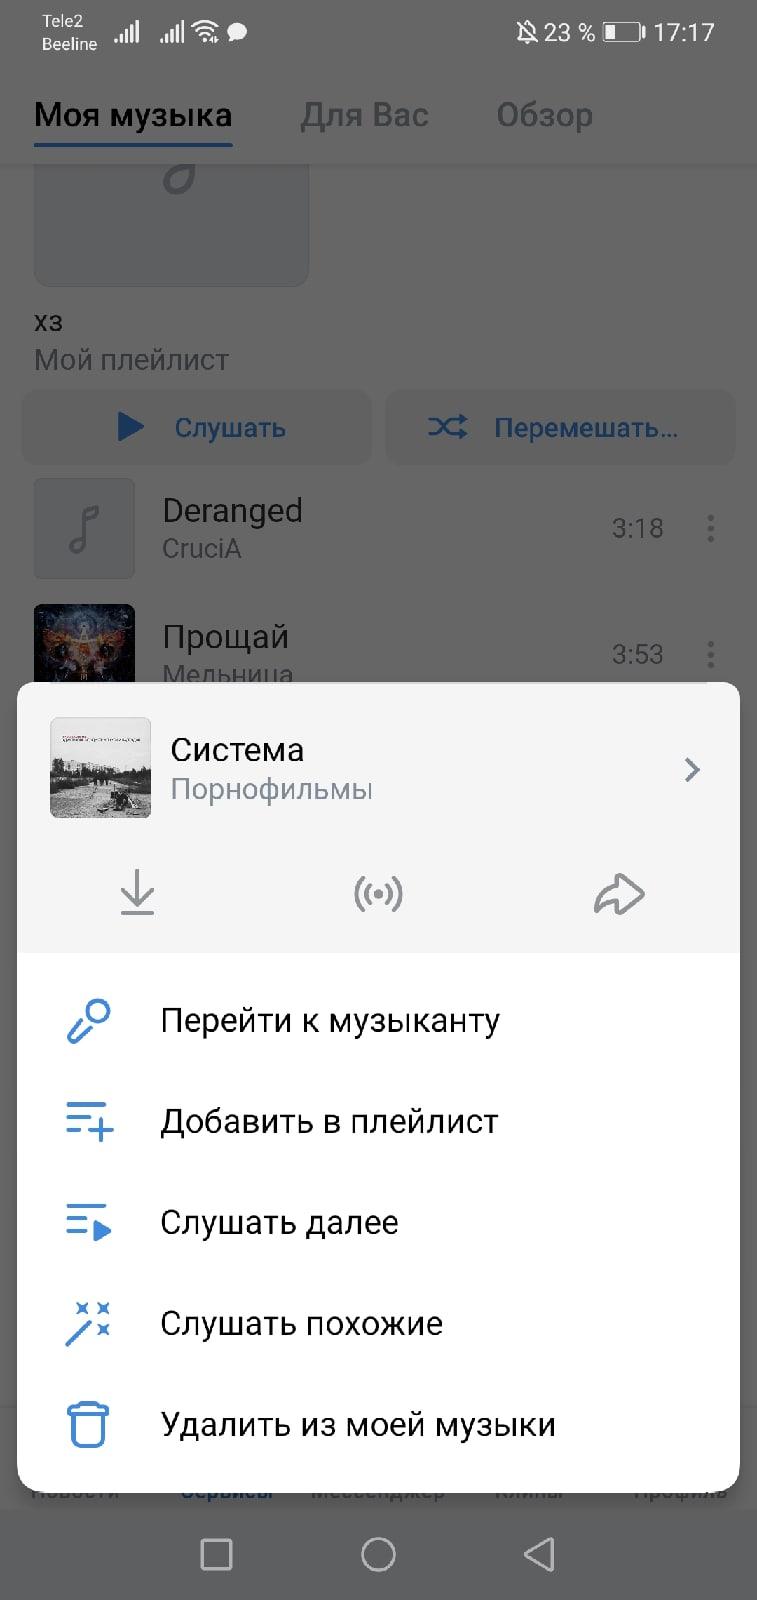 Как удалять треки с мобильного телефона в официальном приложении ВК